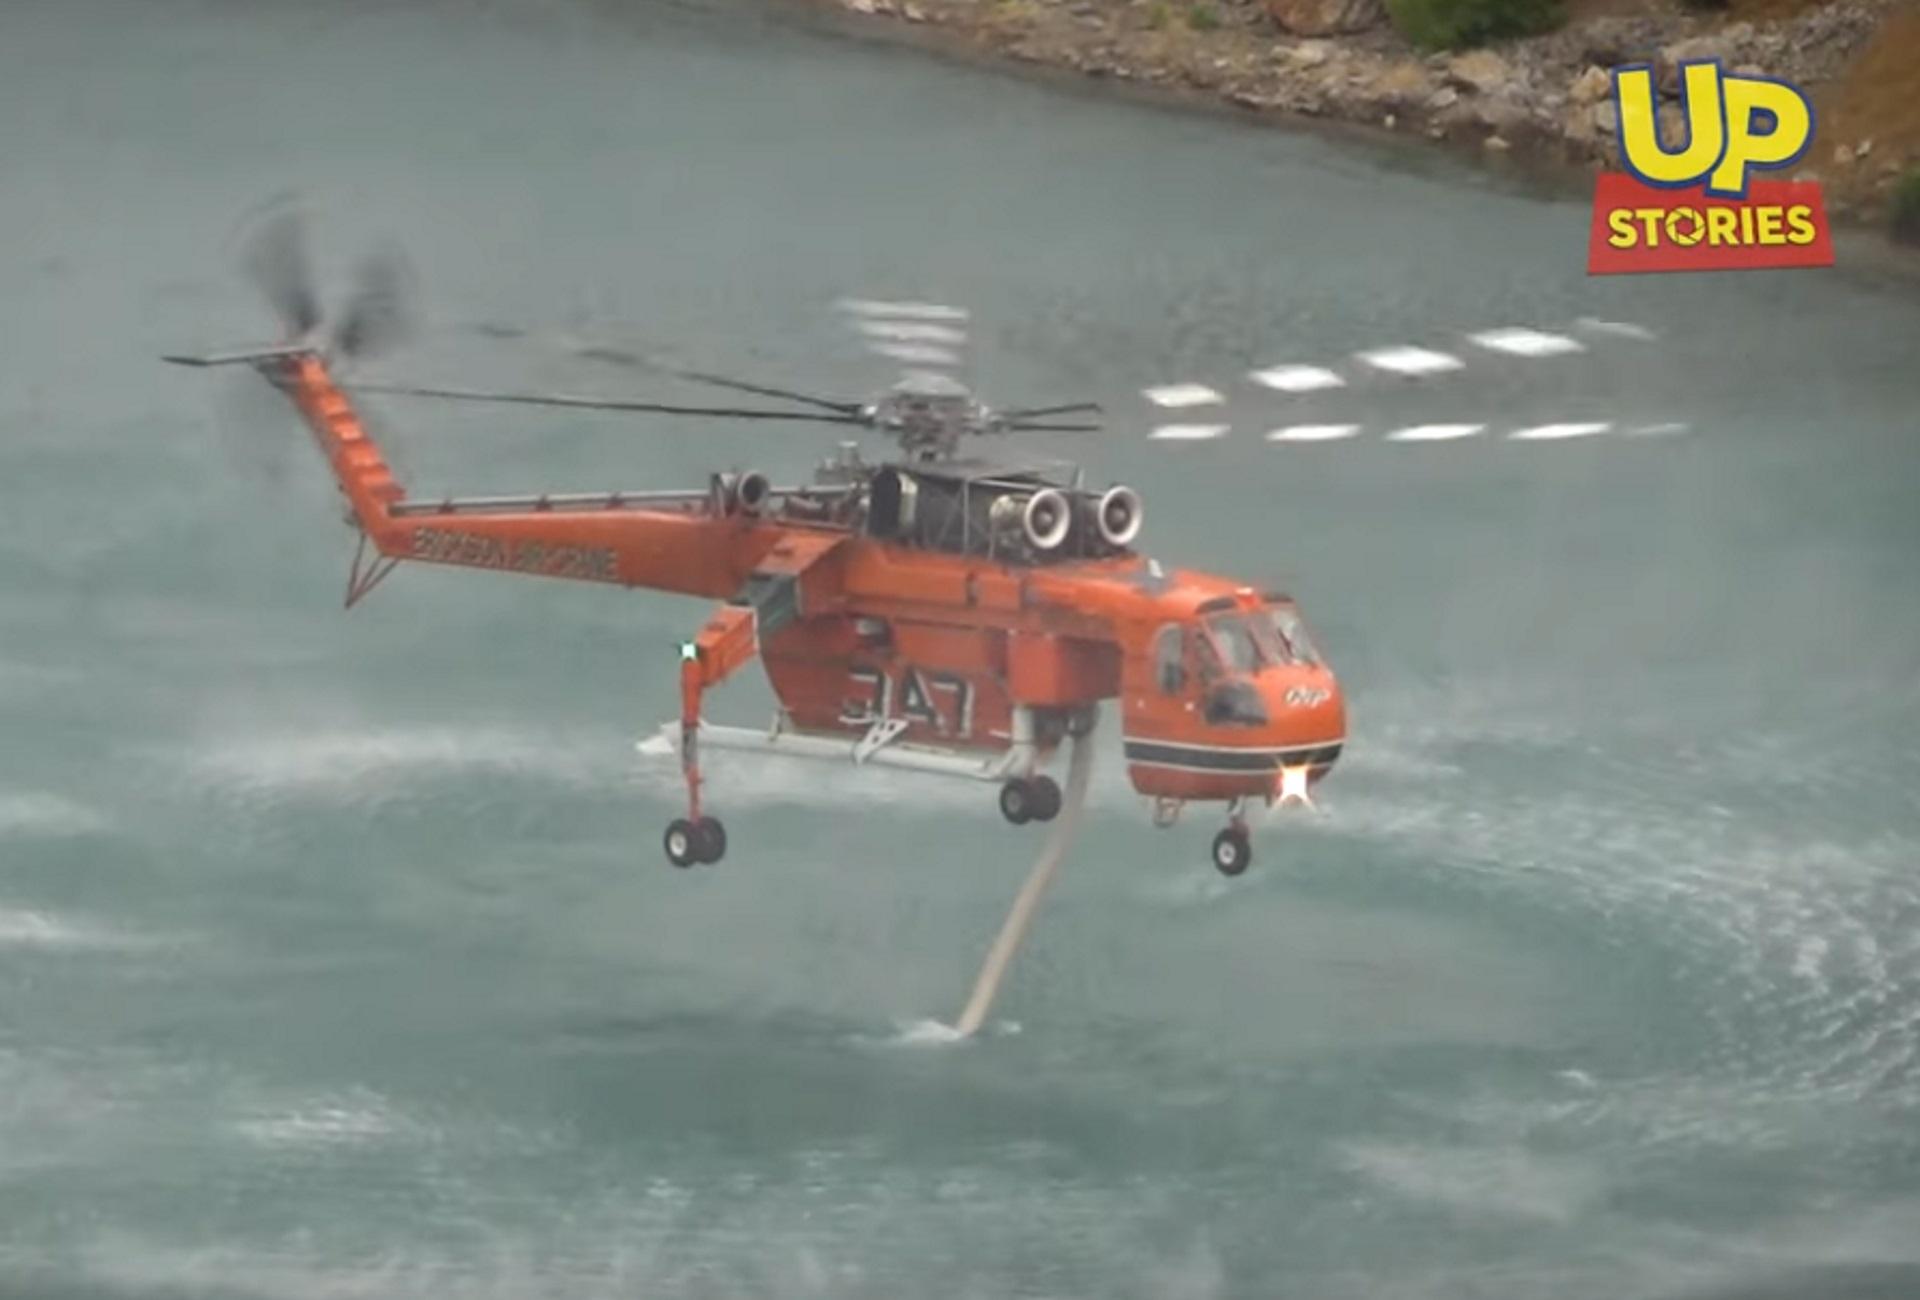 Εύβοια: Αγγίζει το νερό! Η στιγμή που ελικόπτερο Erickson ανεφοδιάζεται σε παλιό λατομείο (Βίντεο)